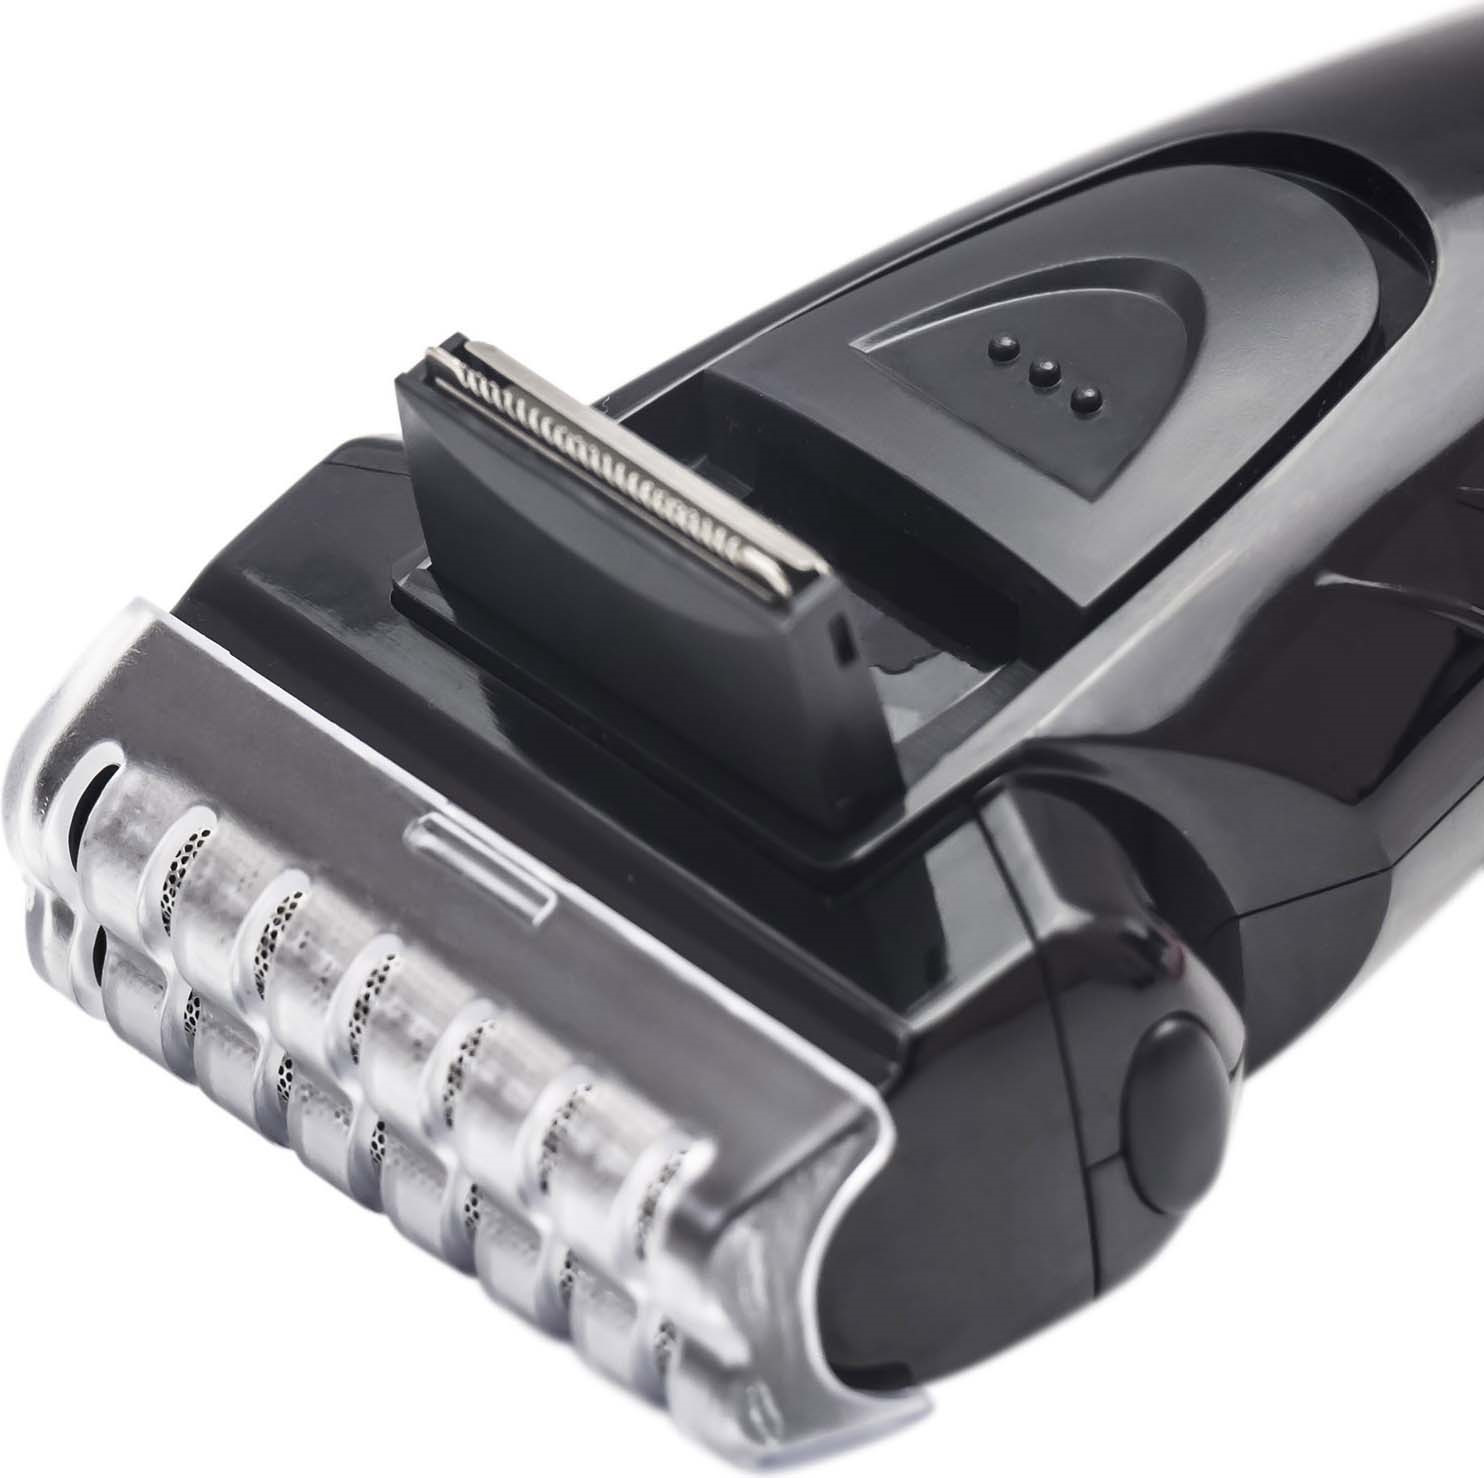 Электробритва Galaxy GL 4200, цвет: черный